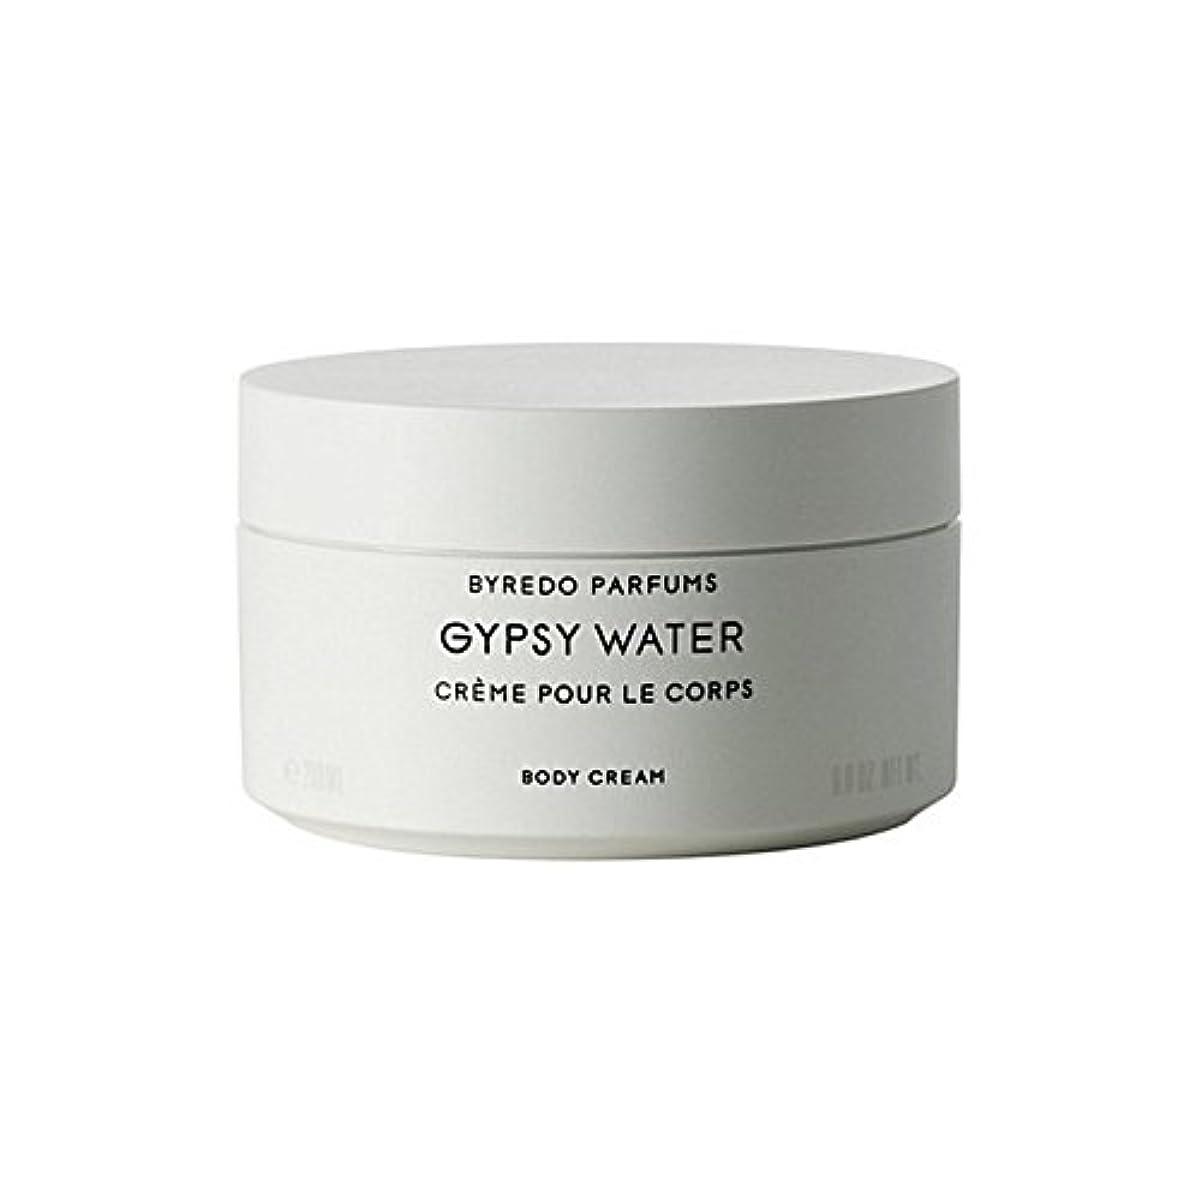 噂帰る高揚したジプシー水ボディクリーム200ミリリットル x2 - Byredo Gypsy Water Body Cream 200ml (Pack of 2) [並行輸入品]